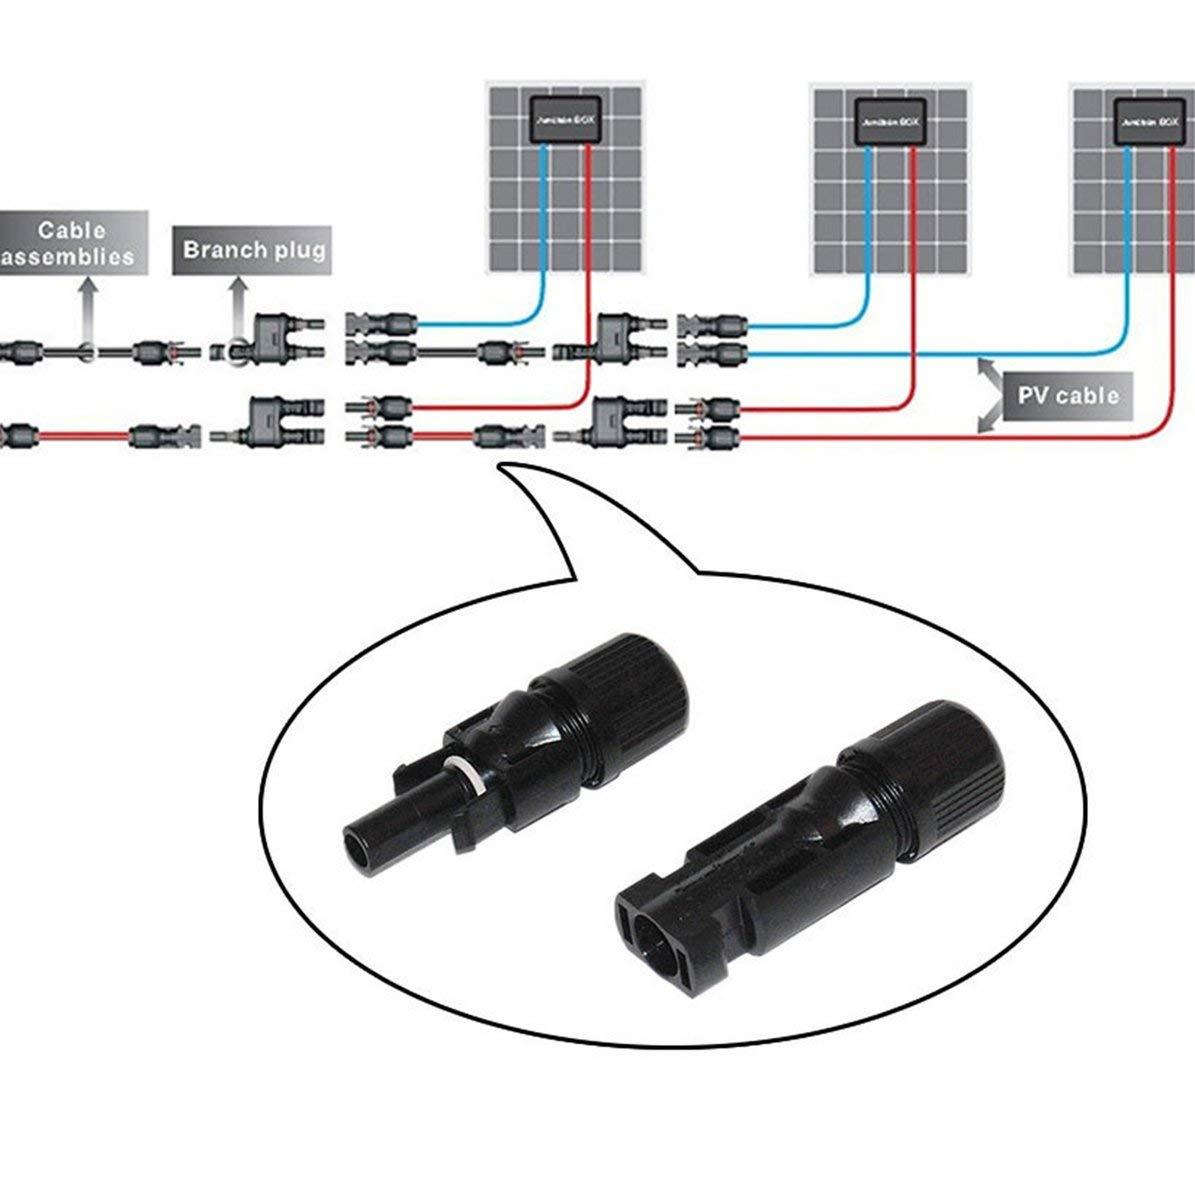 Corneliaa-FR 1 paire de connecteurs de c/âble MC4 pour panneaux solaires et syst/èmes photovolta/ïques